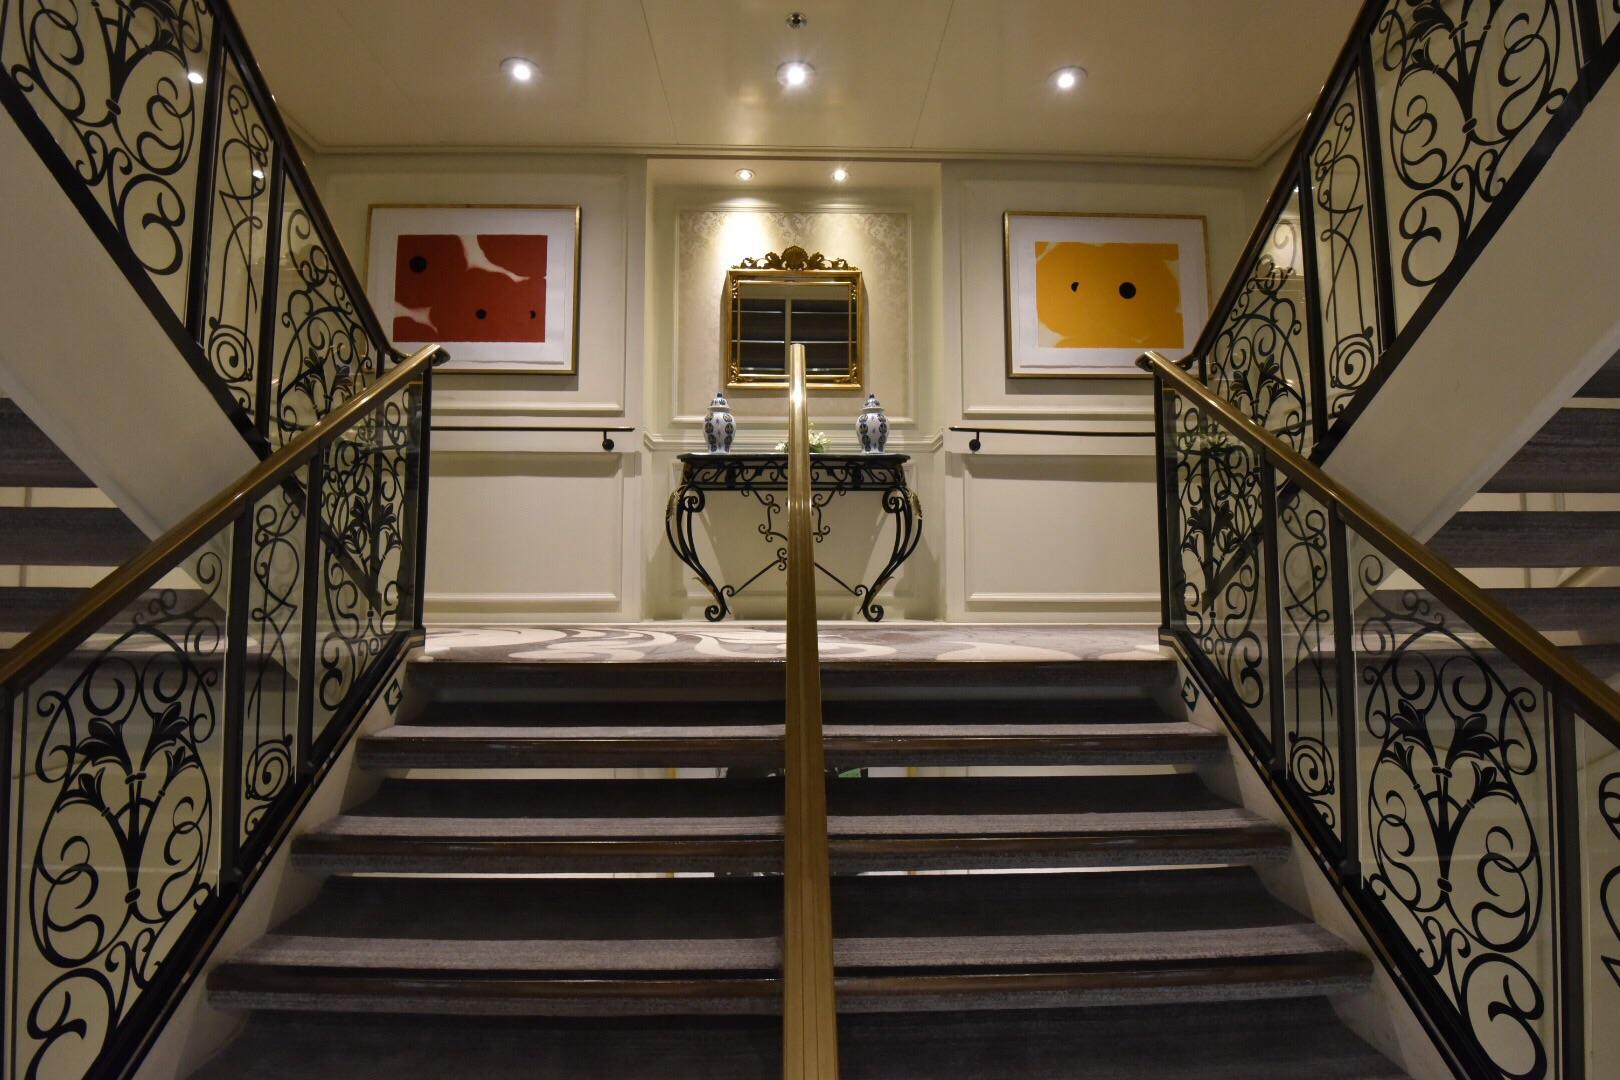 Stairwell art work (deck 7-8)